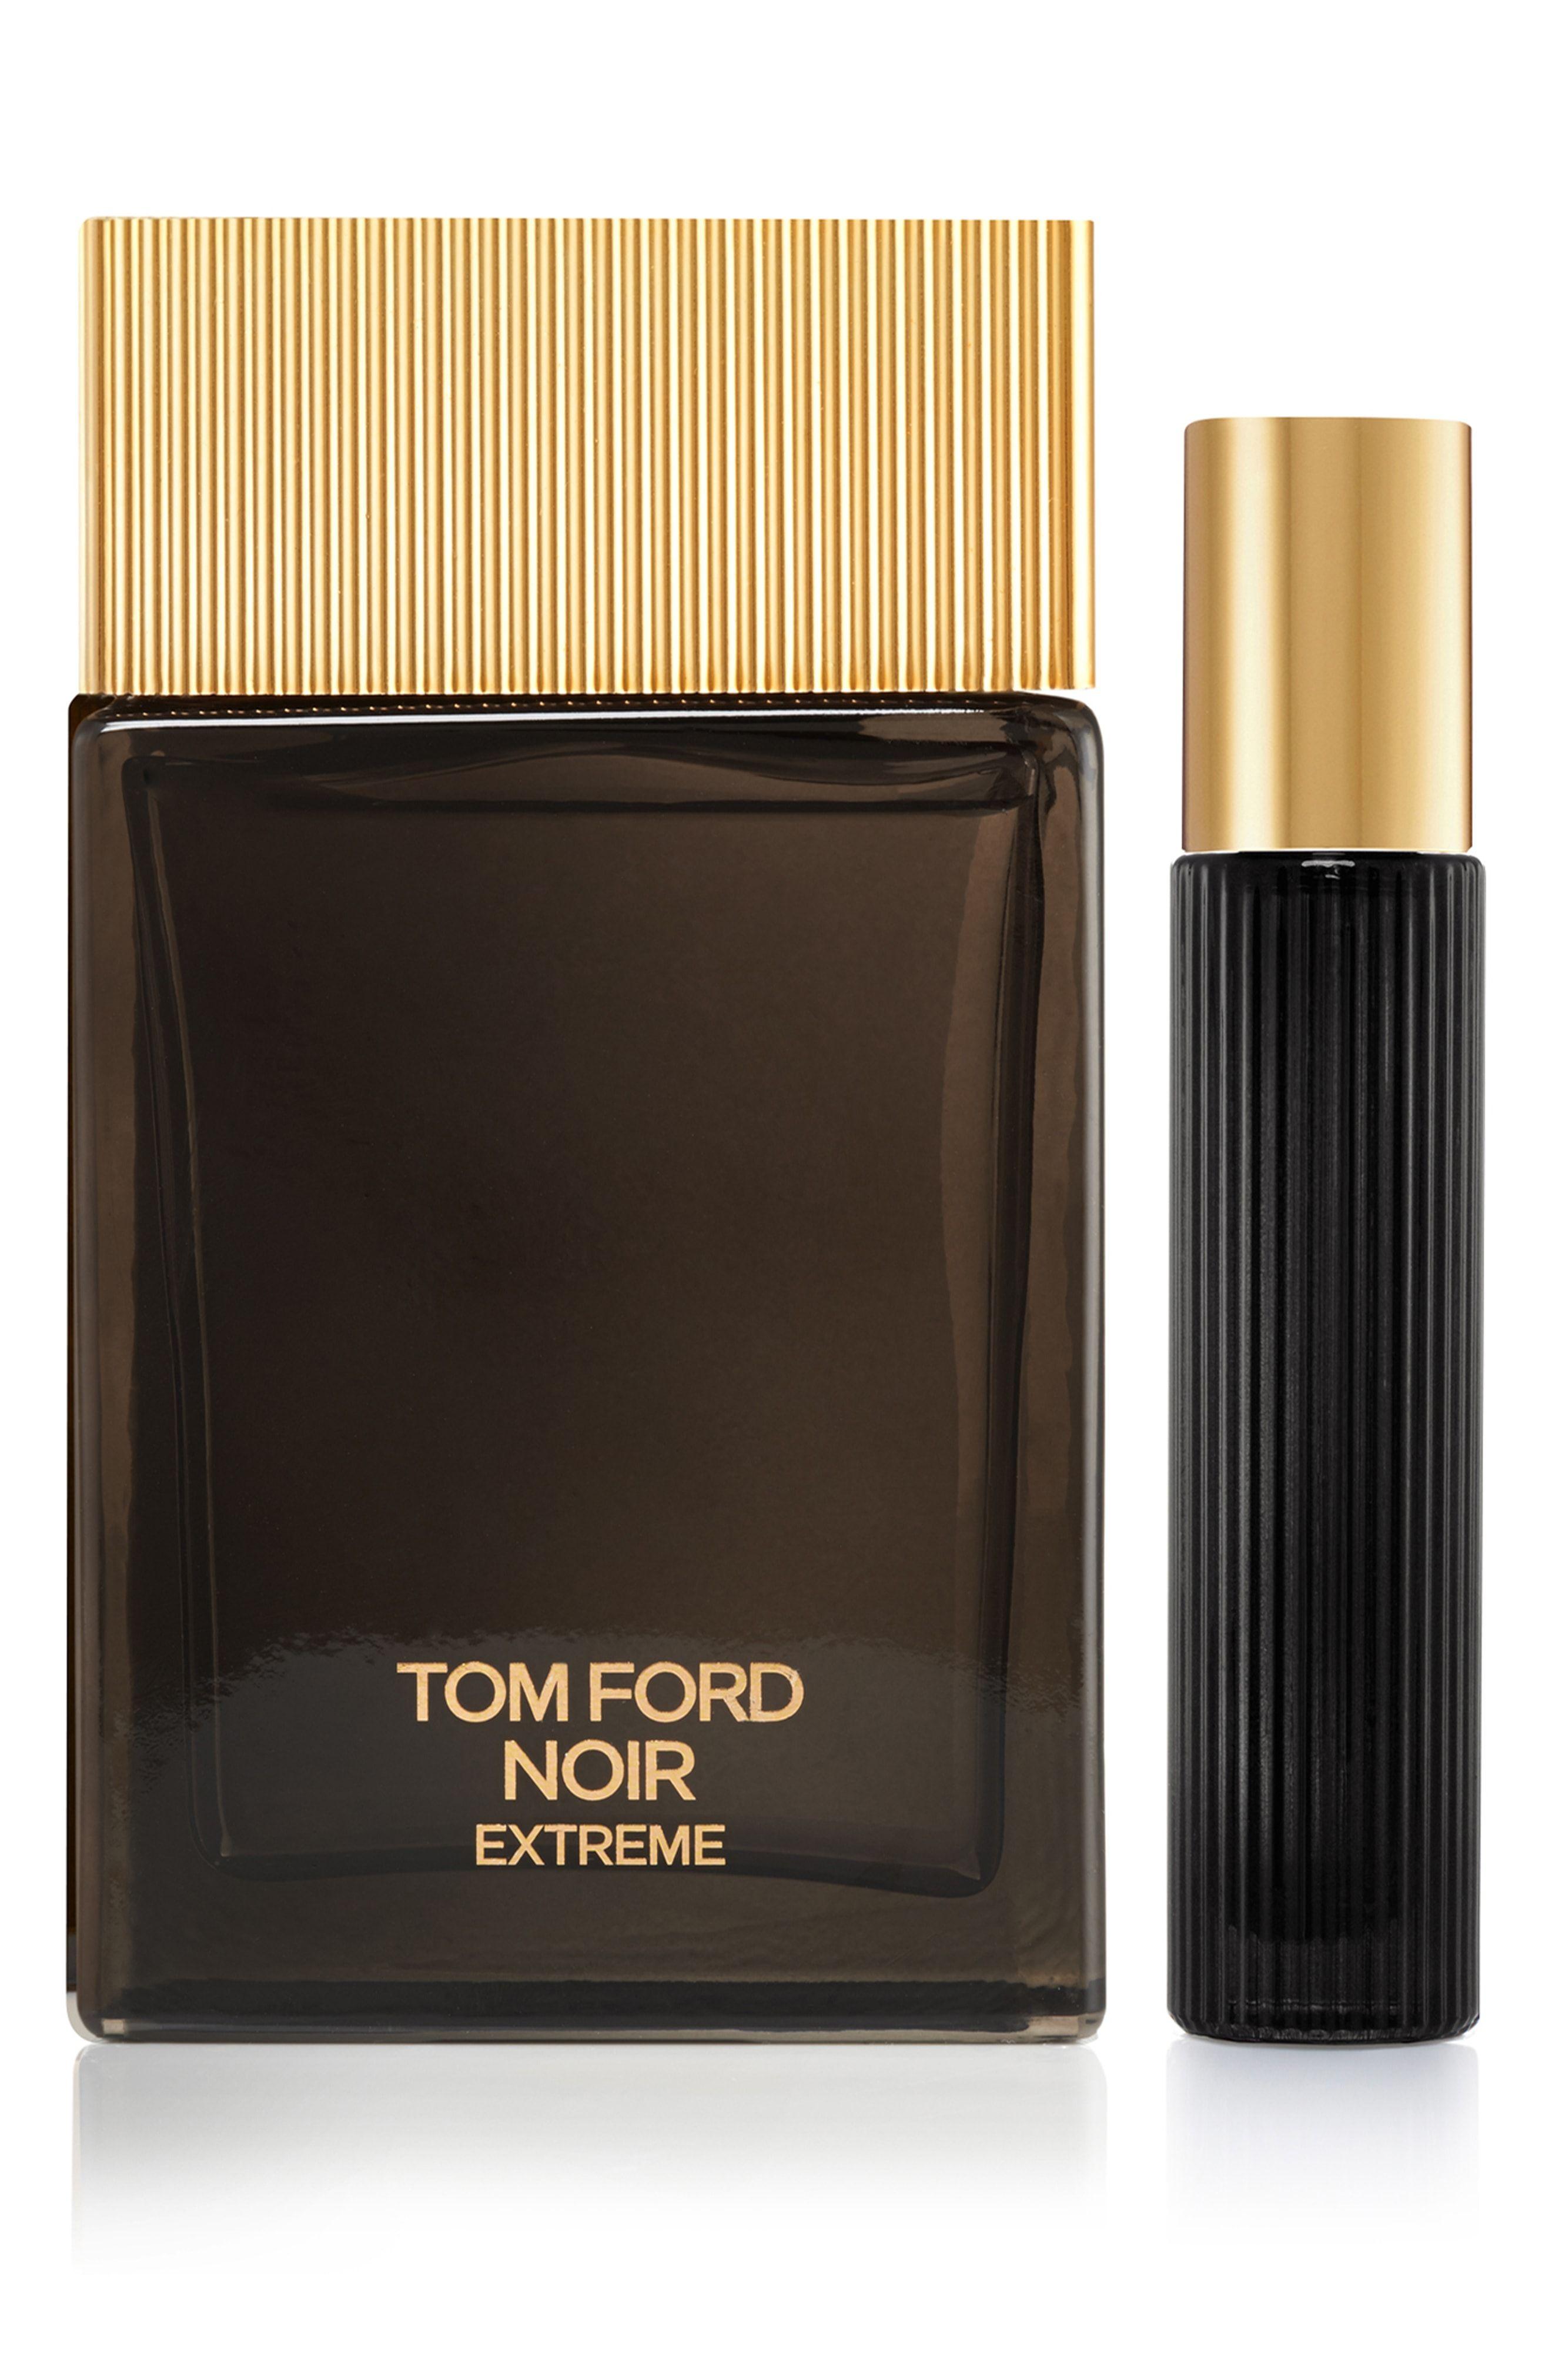 Tom Ford Noir Extreme Eau De Parfum Set Tom Ford Tom Ford Fragrance Eau De Parfum